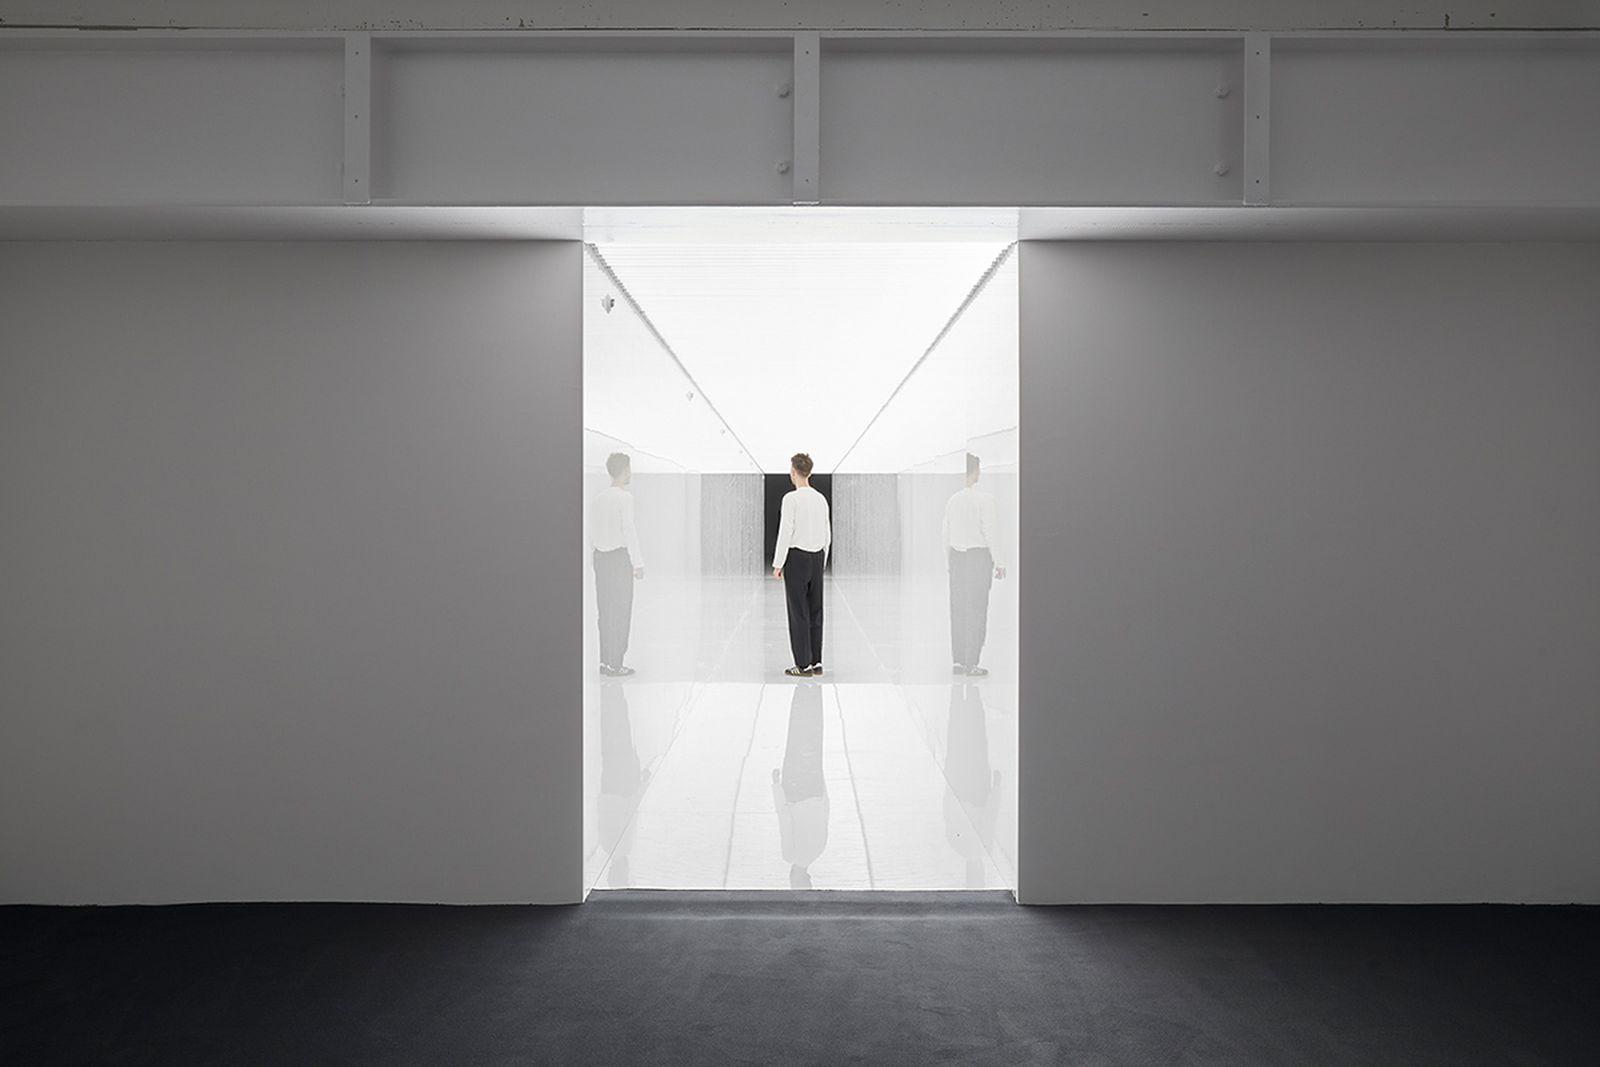 ryoji-ikeda-exhibition-180-studios-05